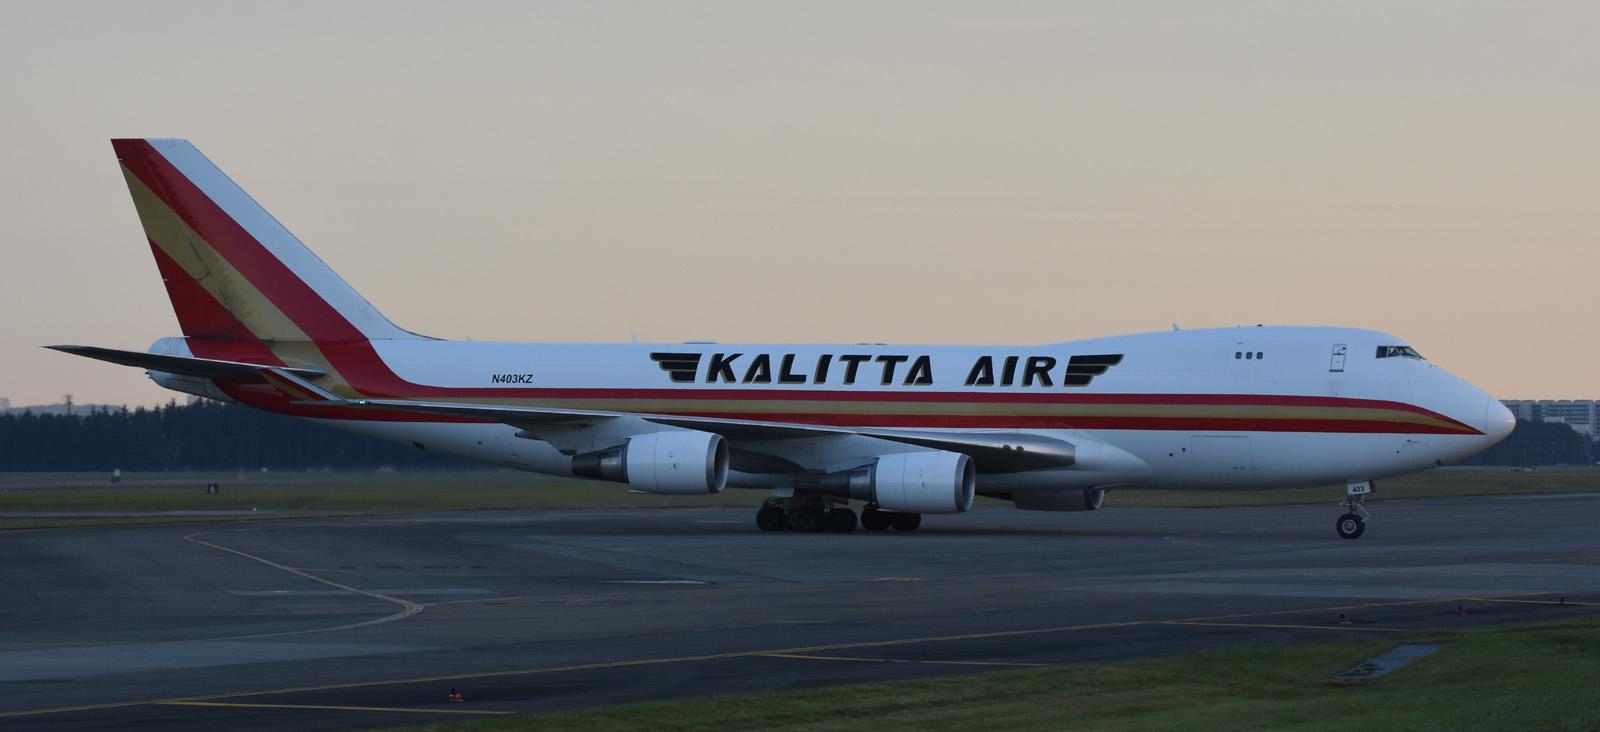 Kalitta161101g669